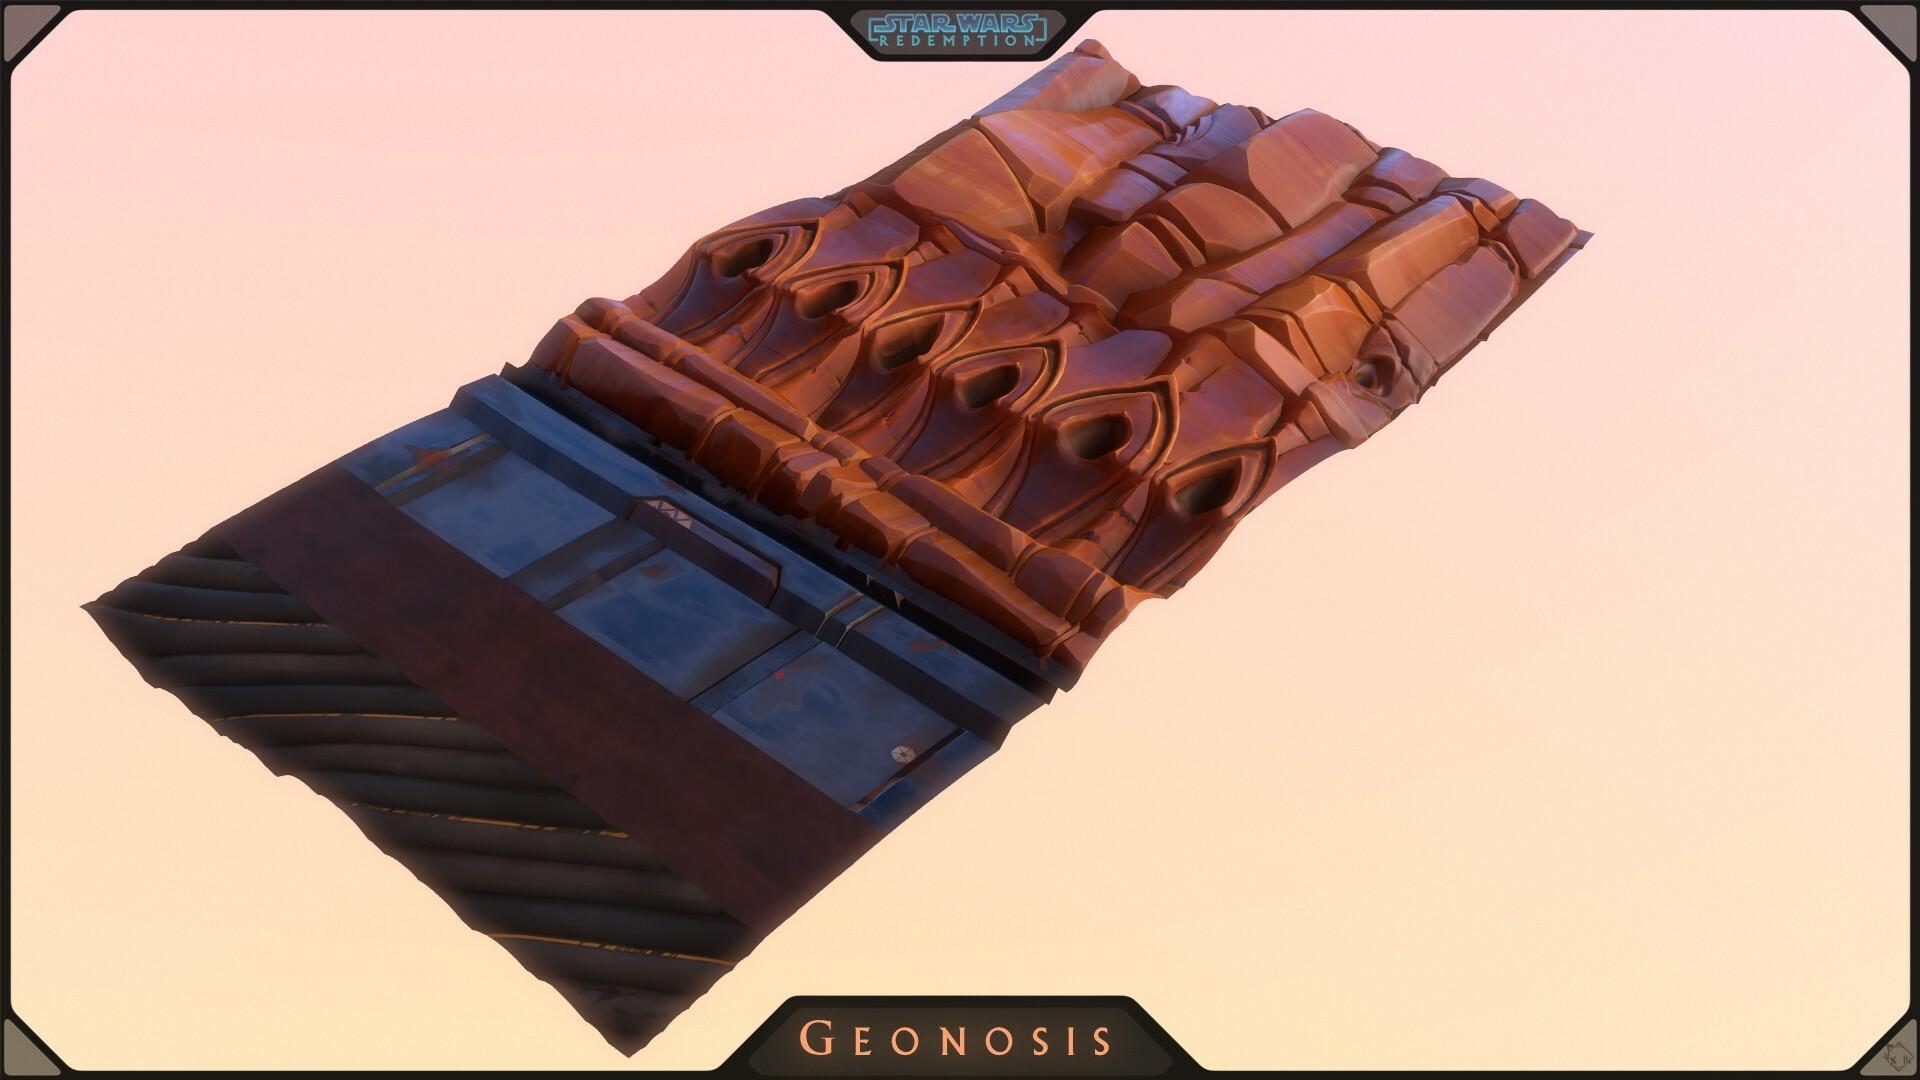 Etienne beschet swr atlasenvtile geonosis